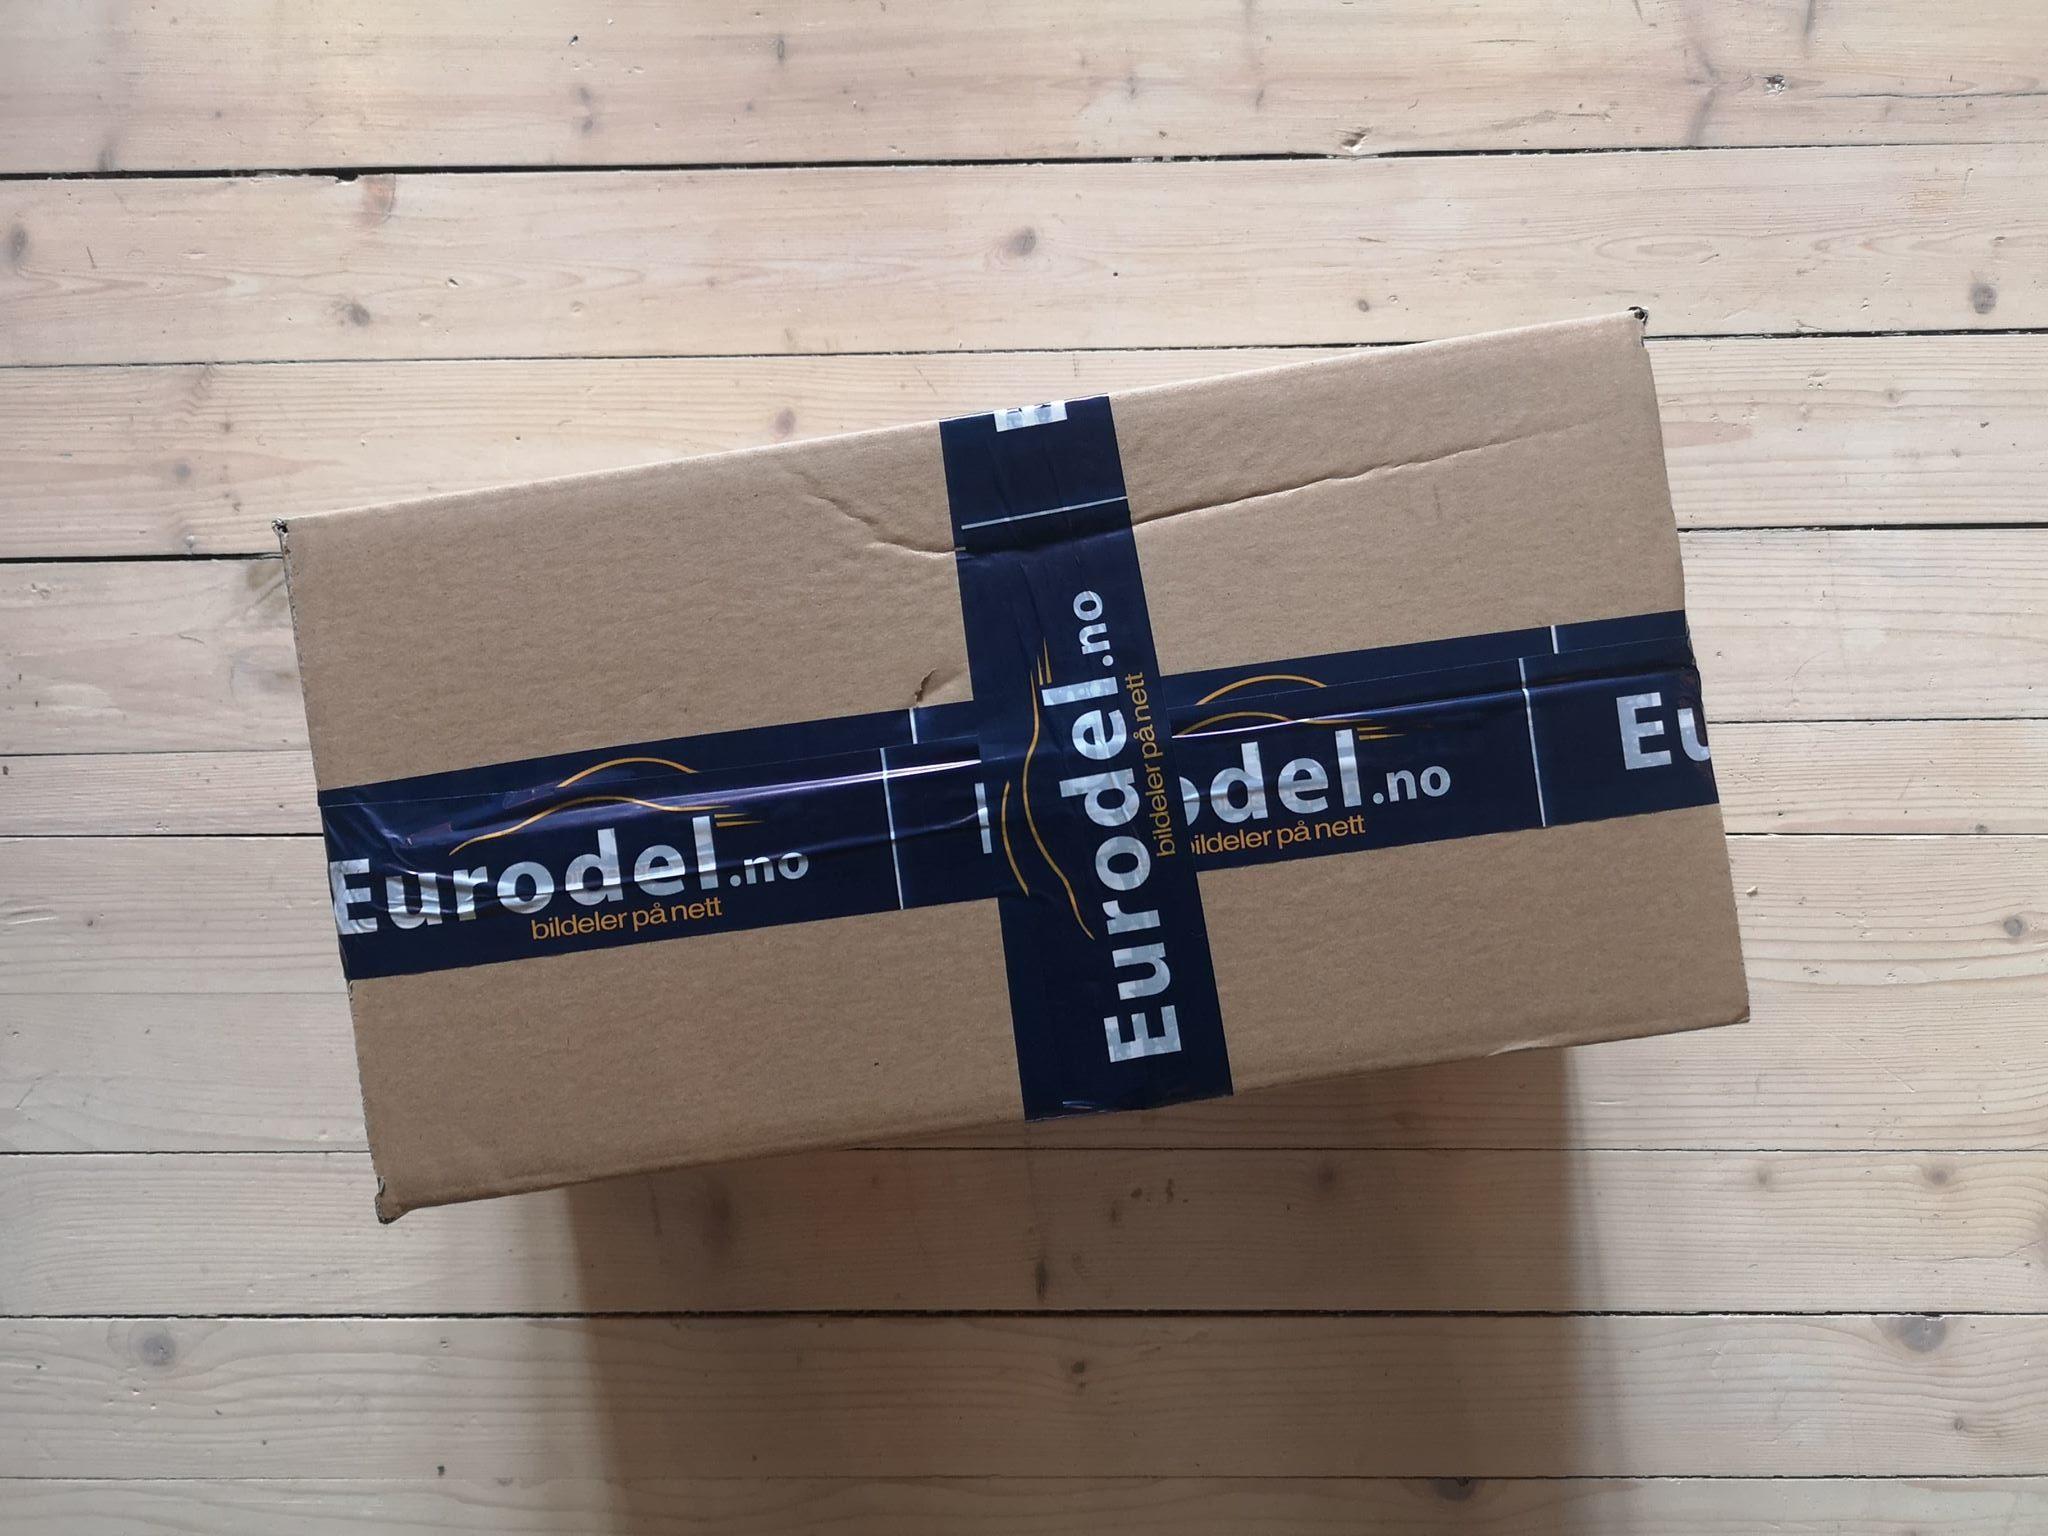 Erfaringer med Eurodel